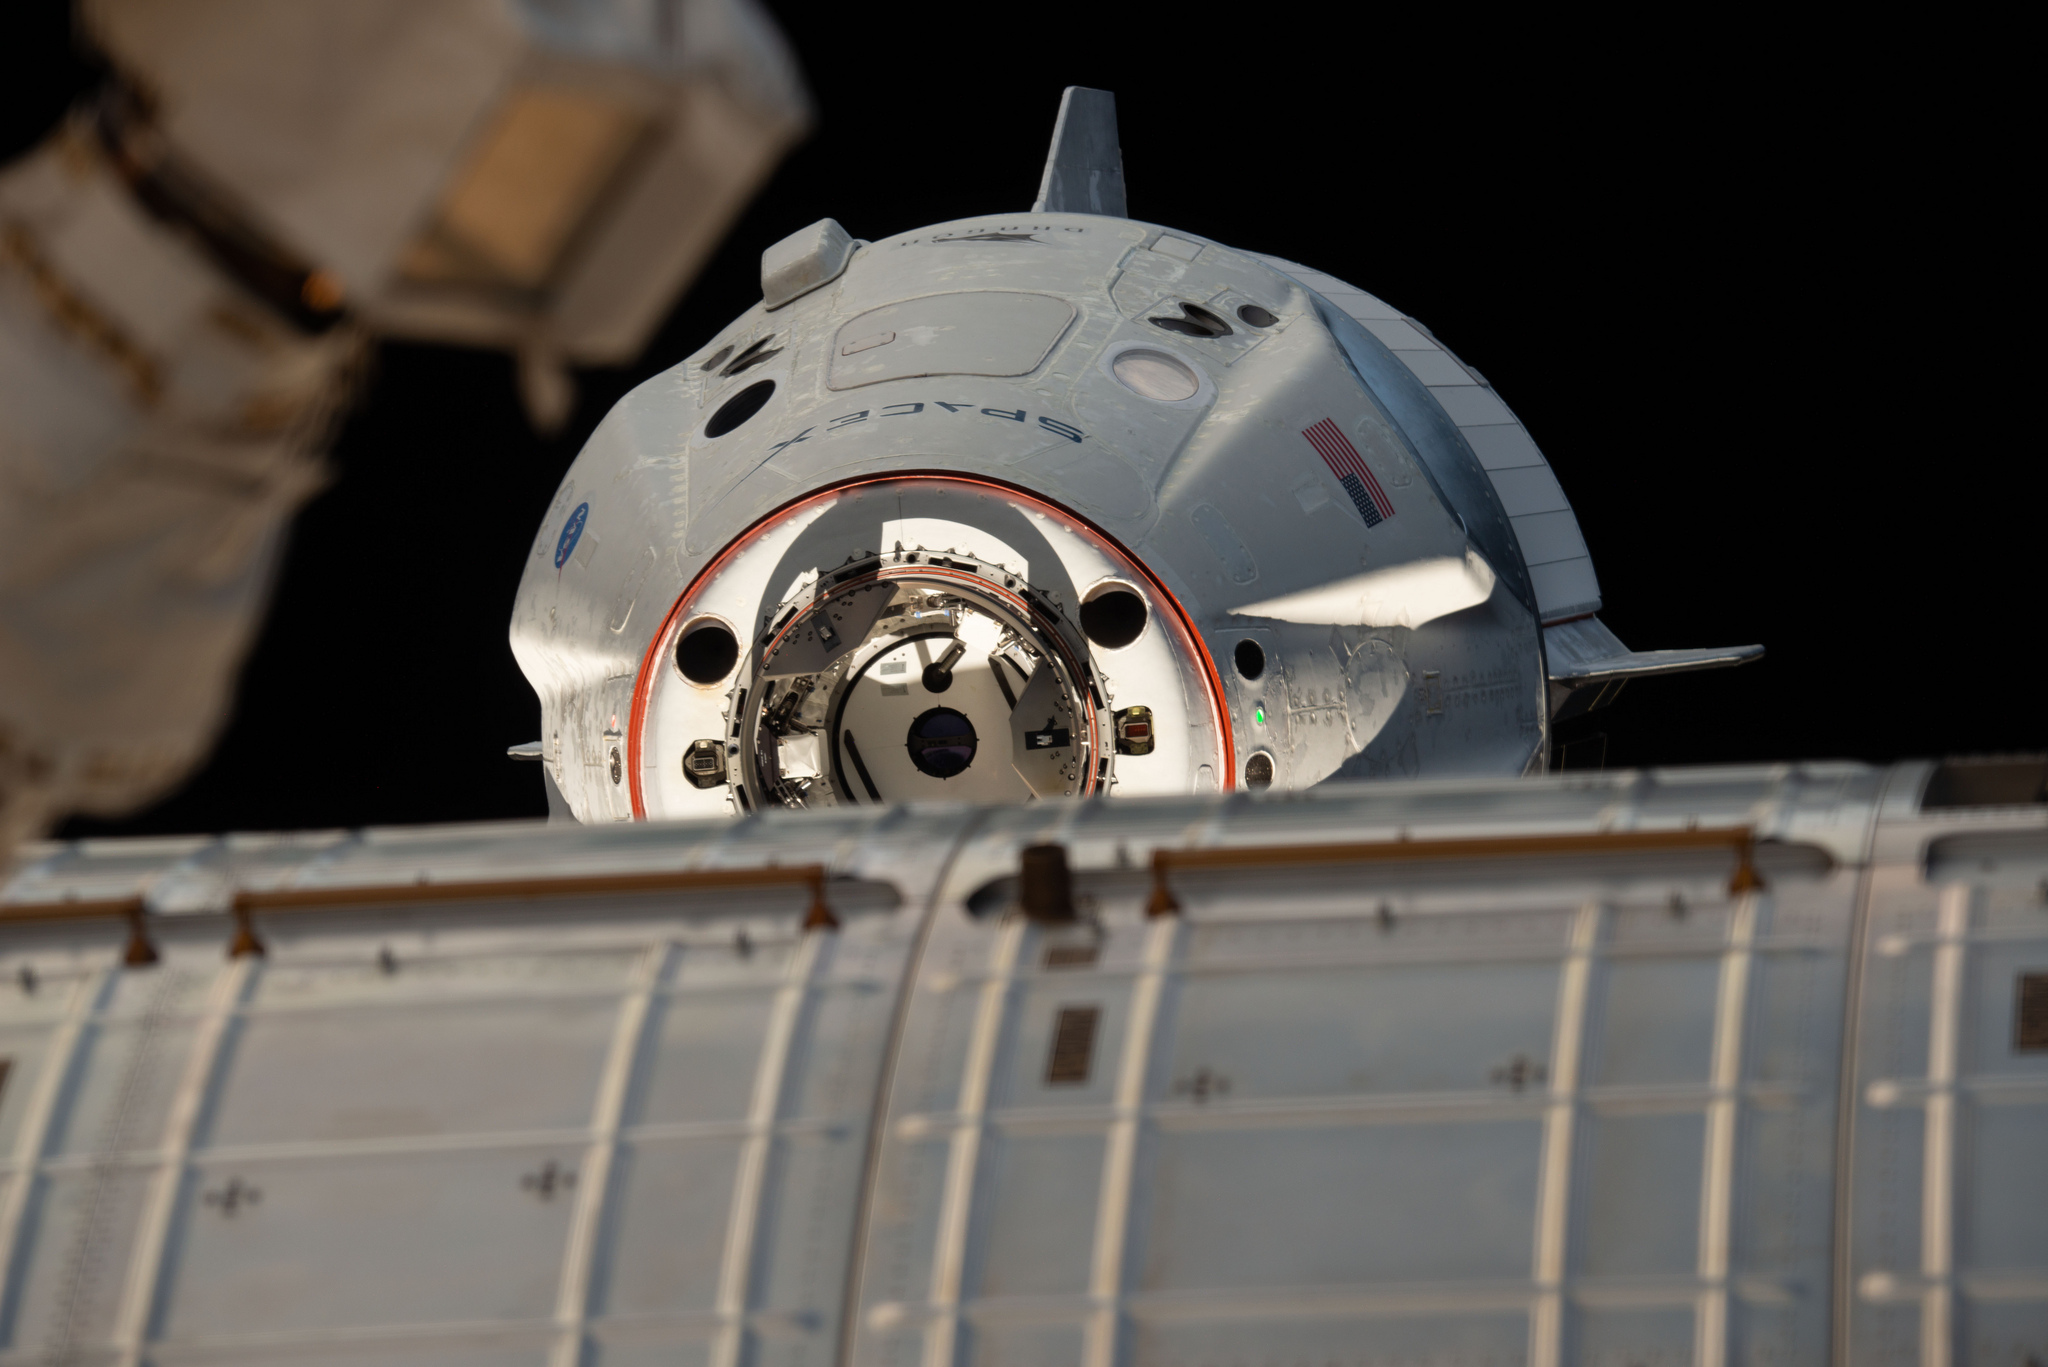 Statek Dragon przed zadokowaniem do ISS podczas misji Crew Demo-1 (Źródło: NASA)